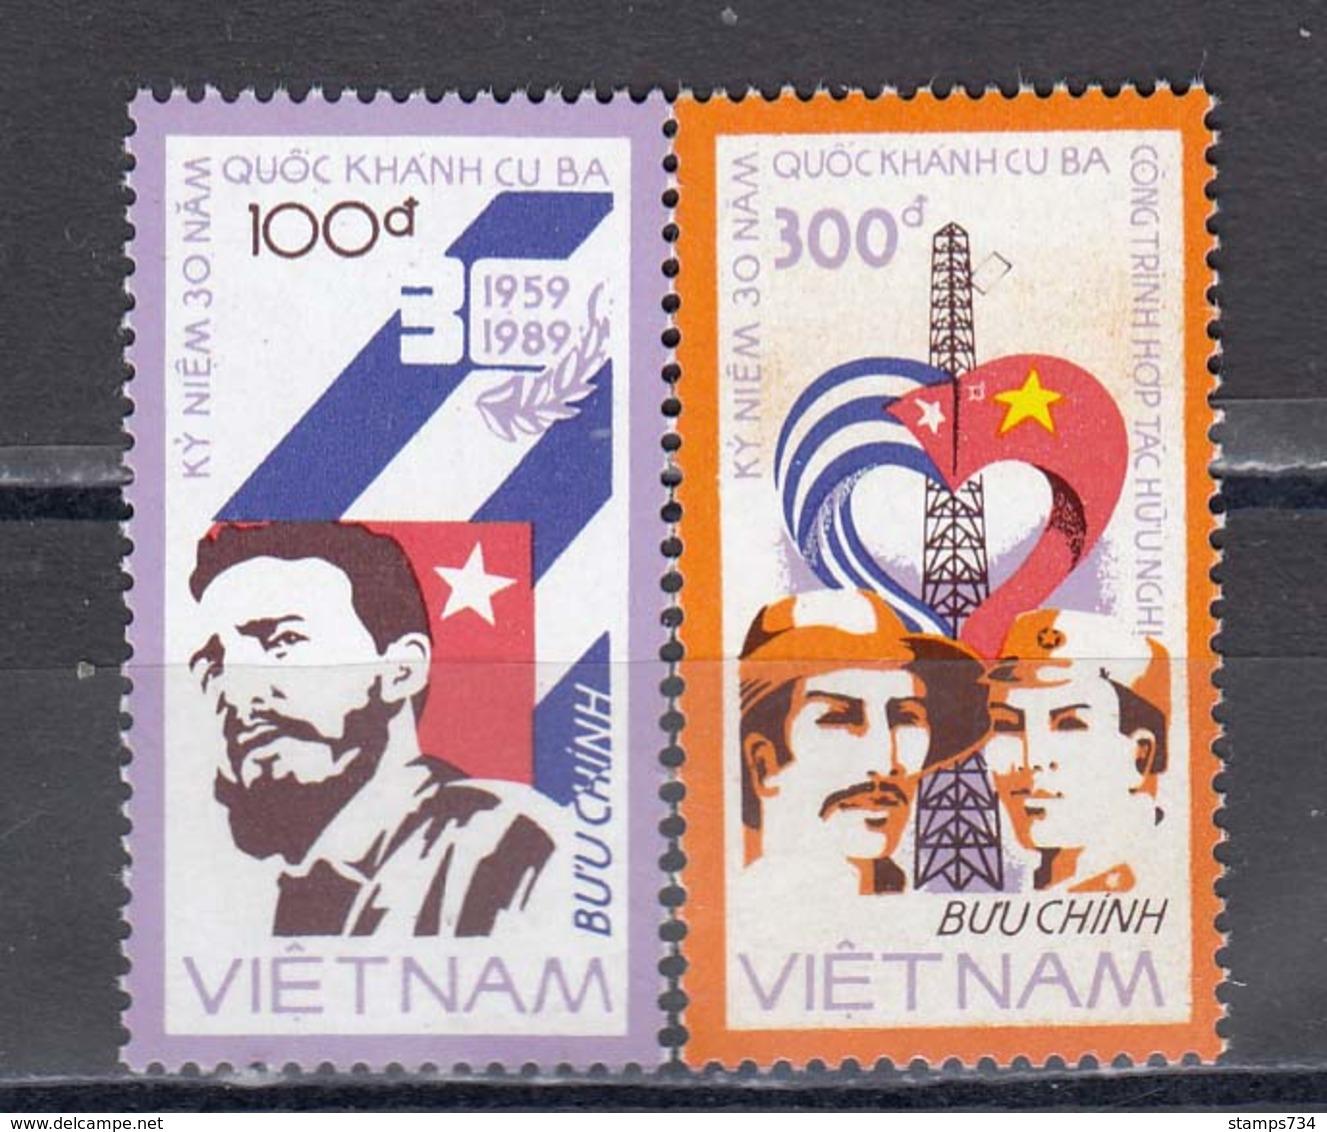 Vietnam 1988 - 30e Anniversaire De La Republique Cuba, Mi-Nr. 1948/49, MNH** - Vietnam